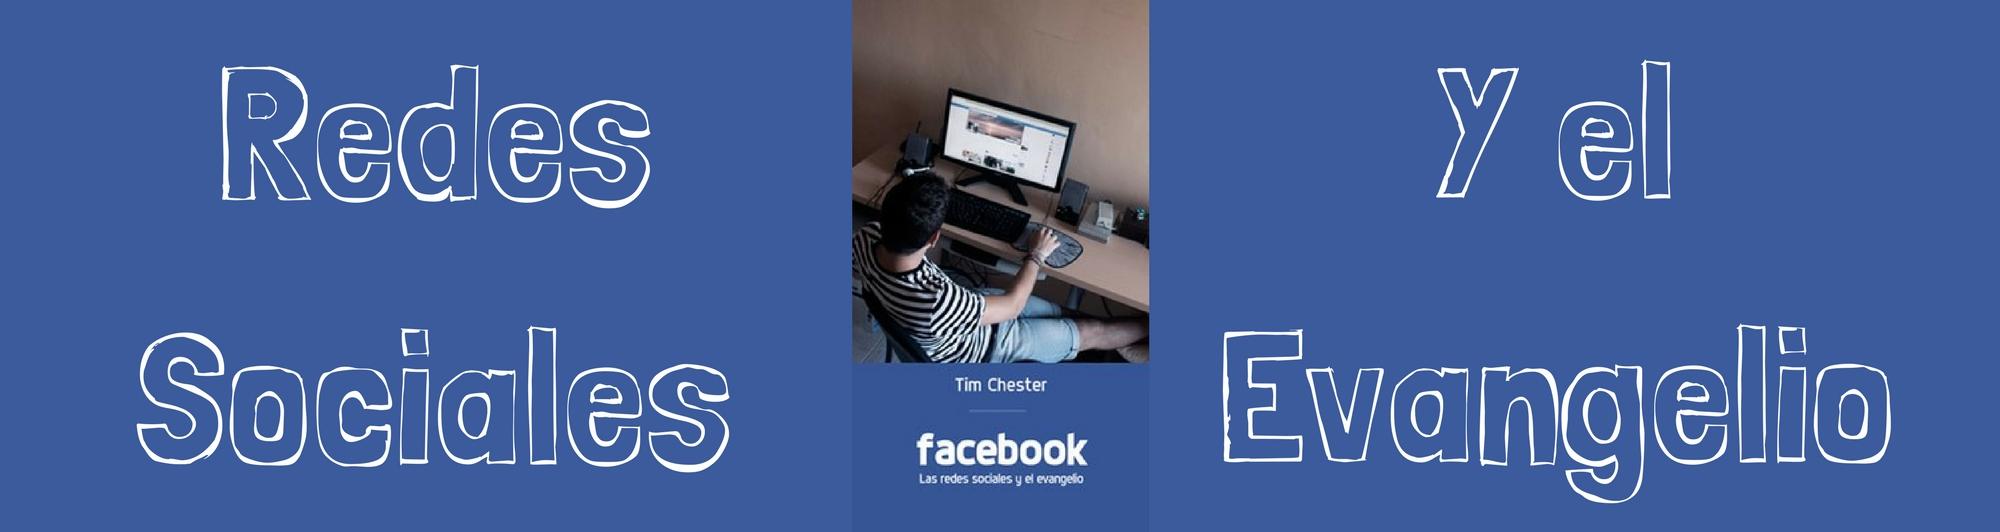 Facebook, Redes Sociales y el Evangelio